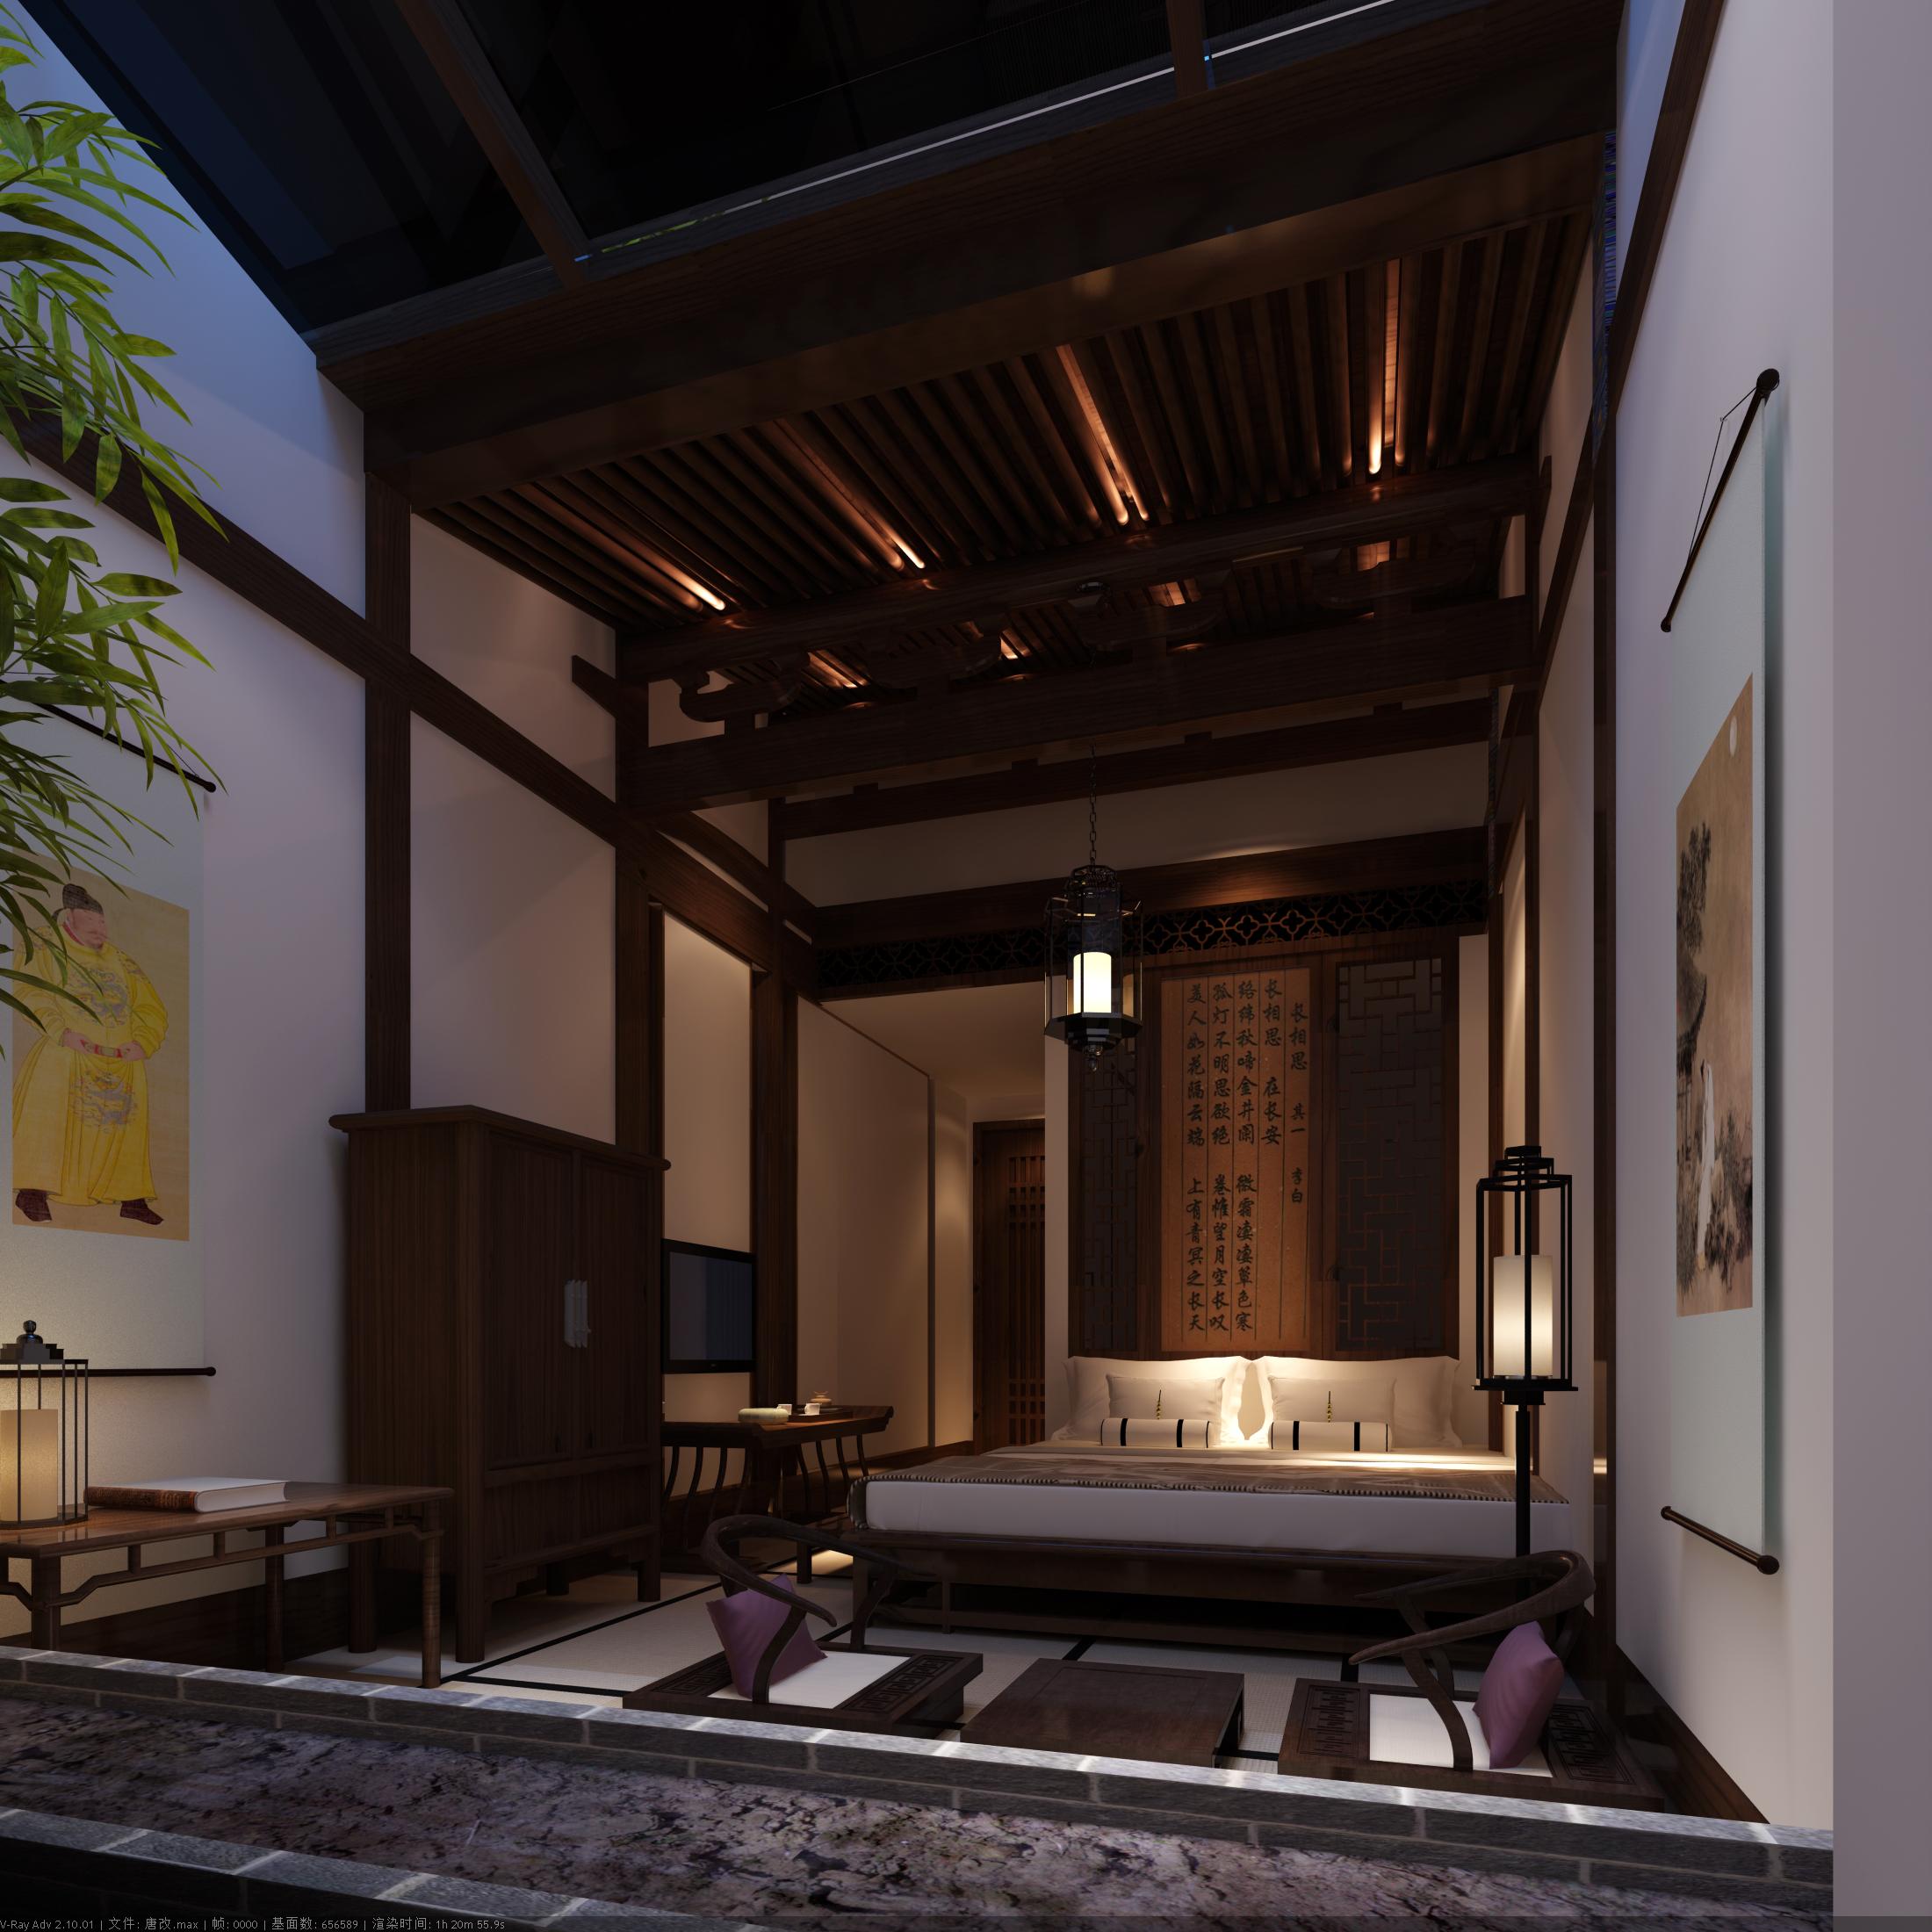 工装公司是这样装修酒店餐厅的酒店装修效果图_唐代风格